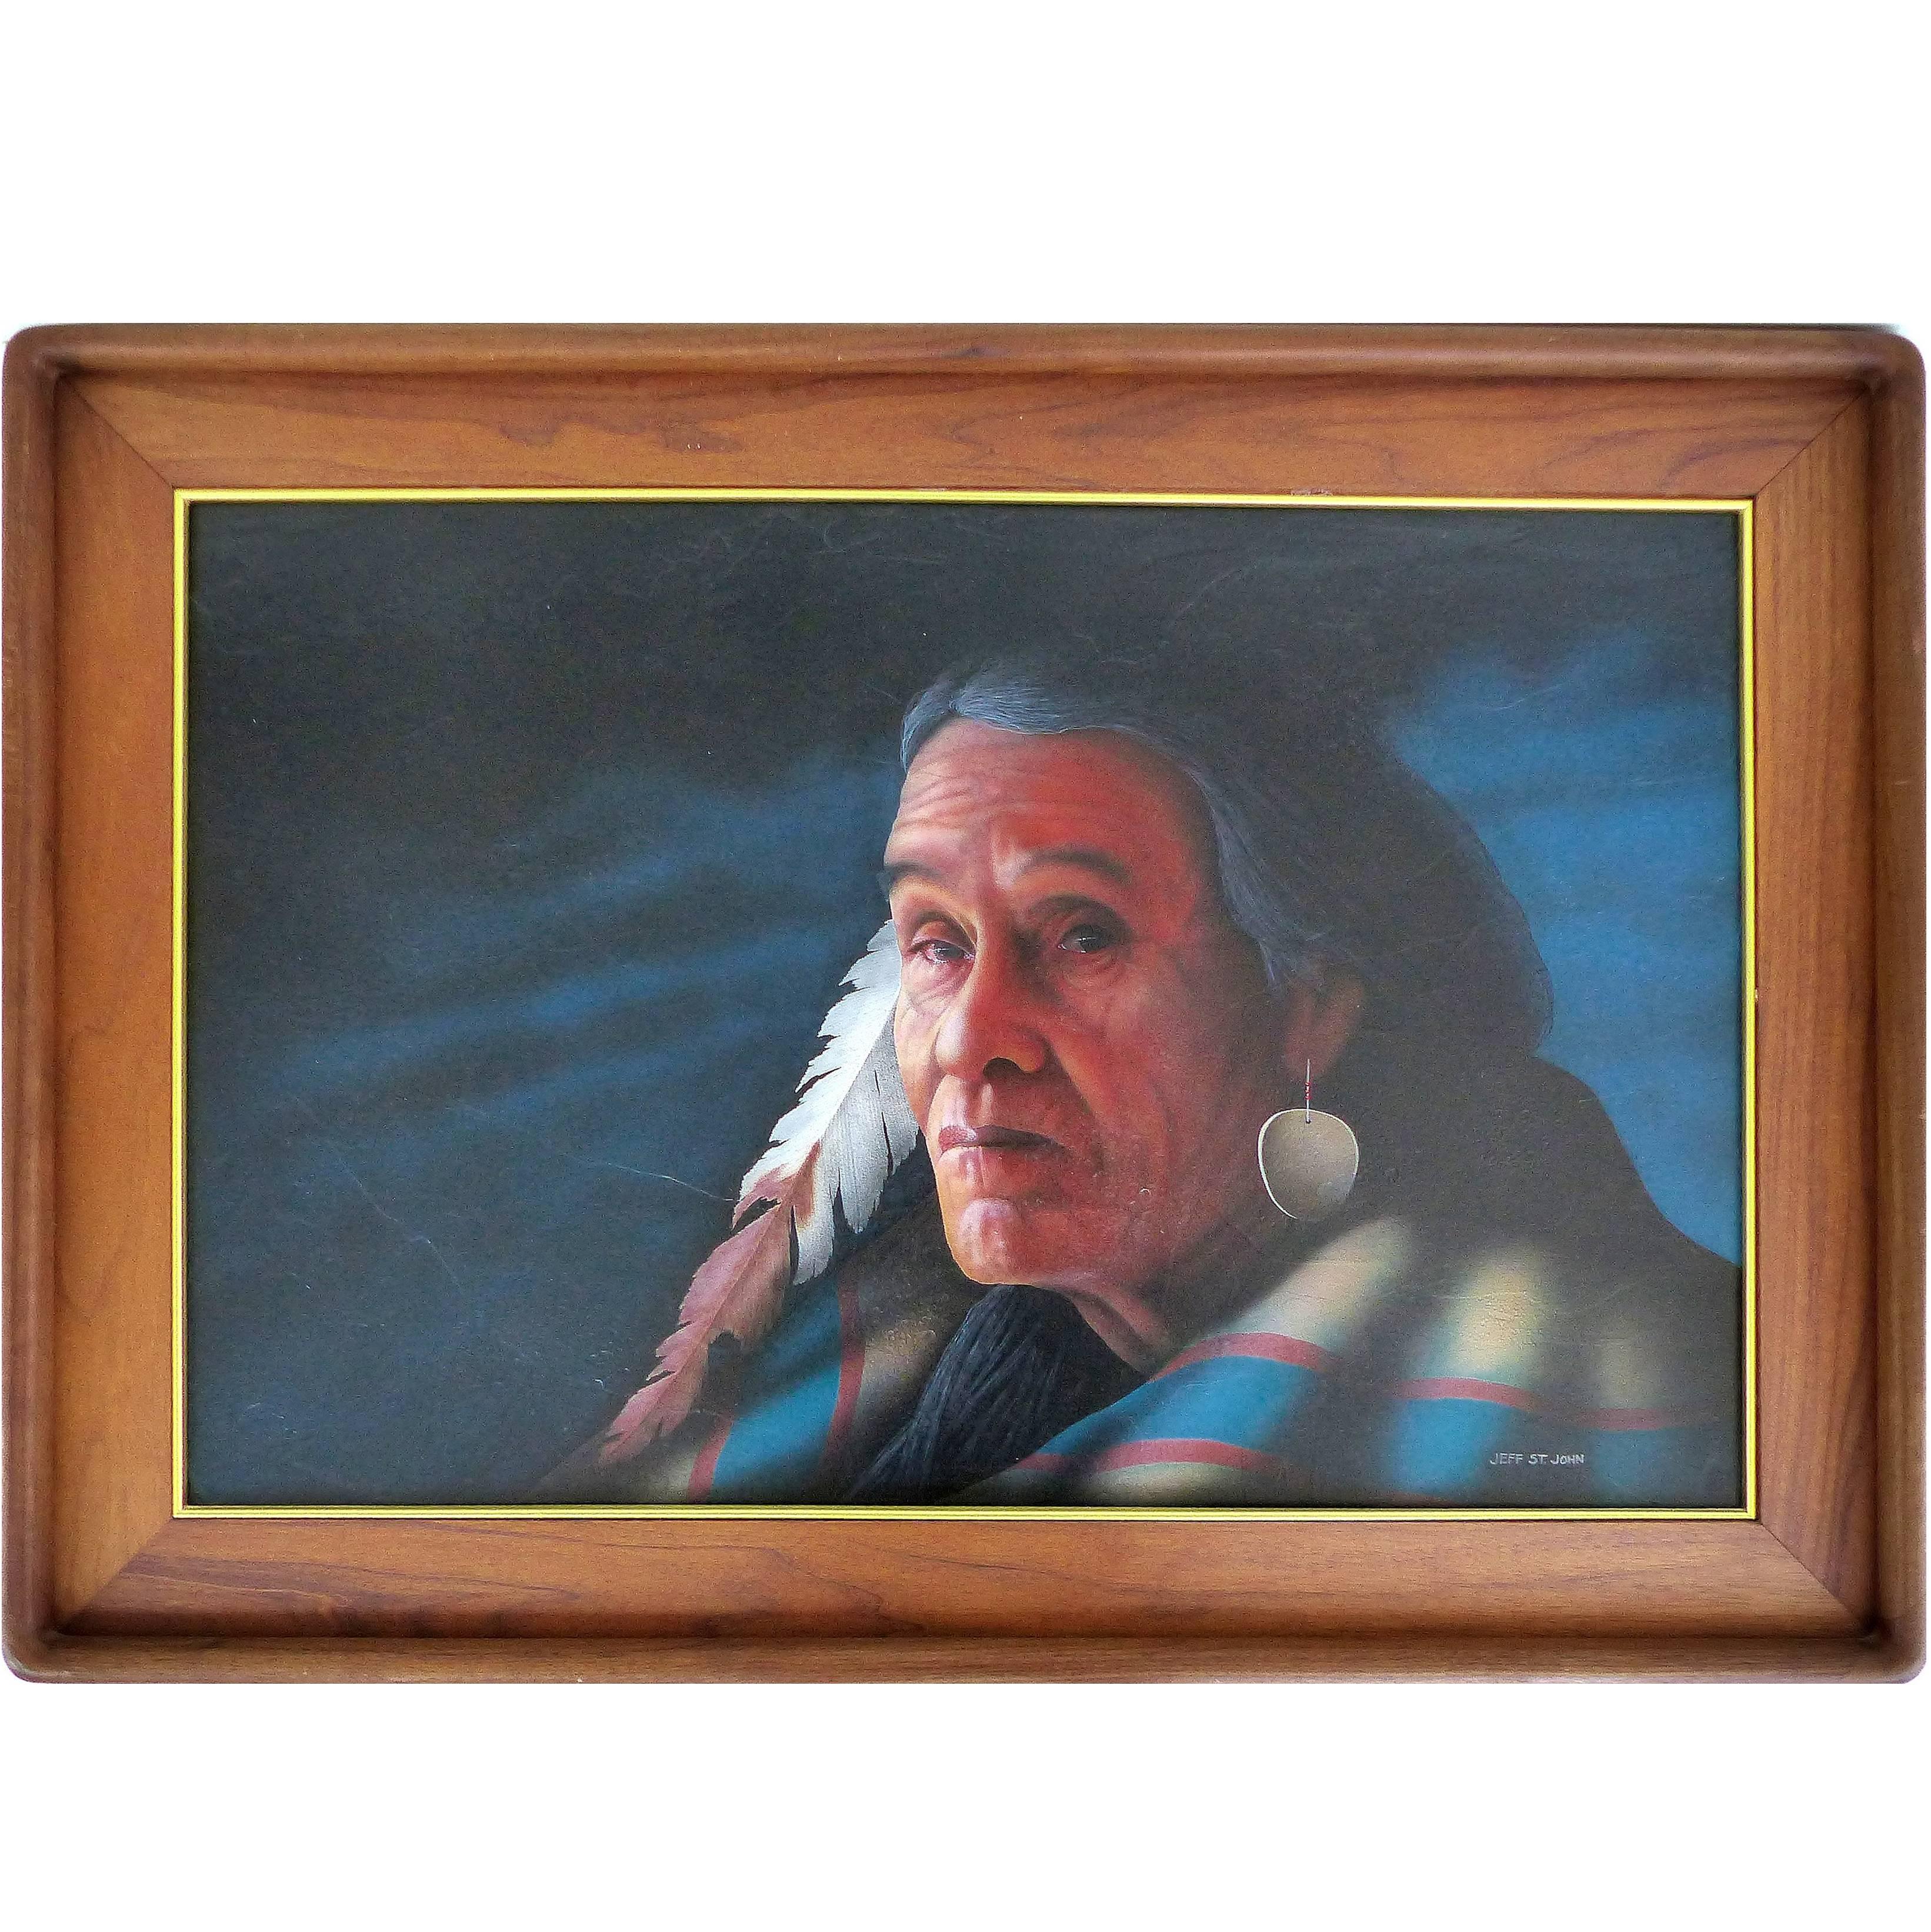 1990s Southwestern Portrait by Jeff St. John